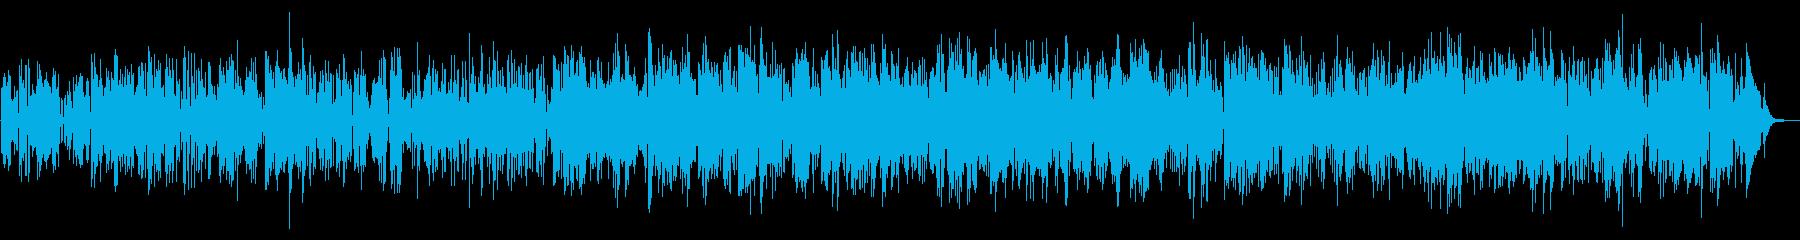 軽快なジャズファンク、サックスの再生済みの波形